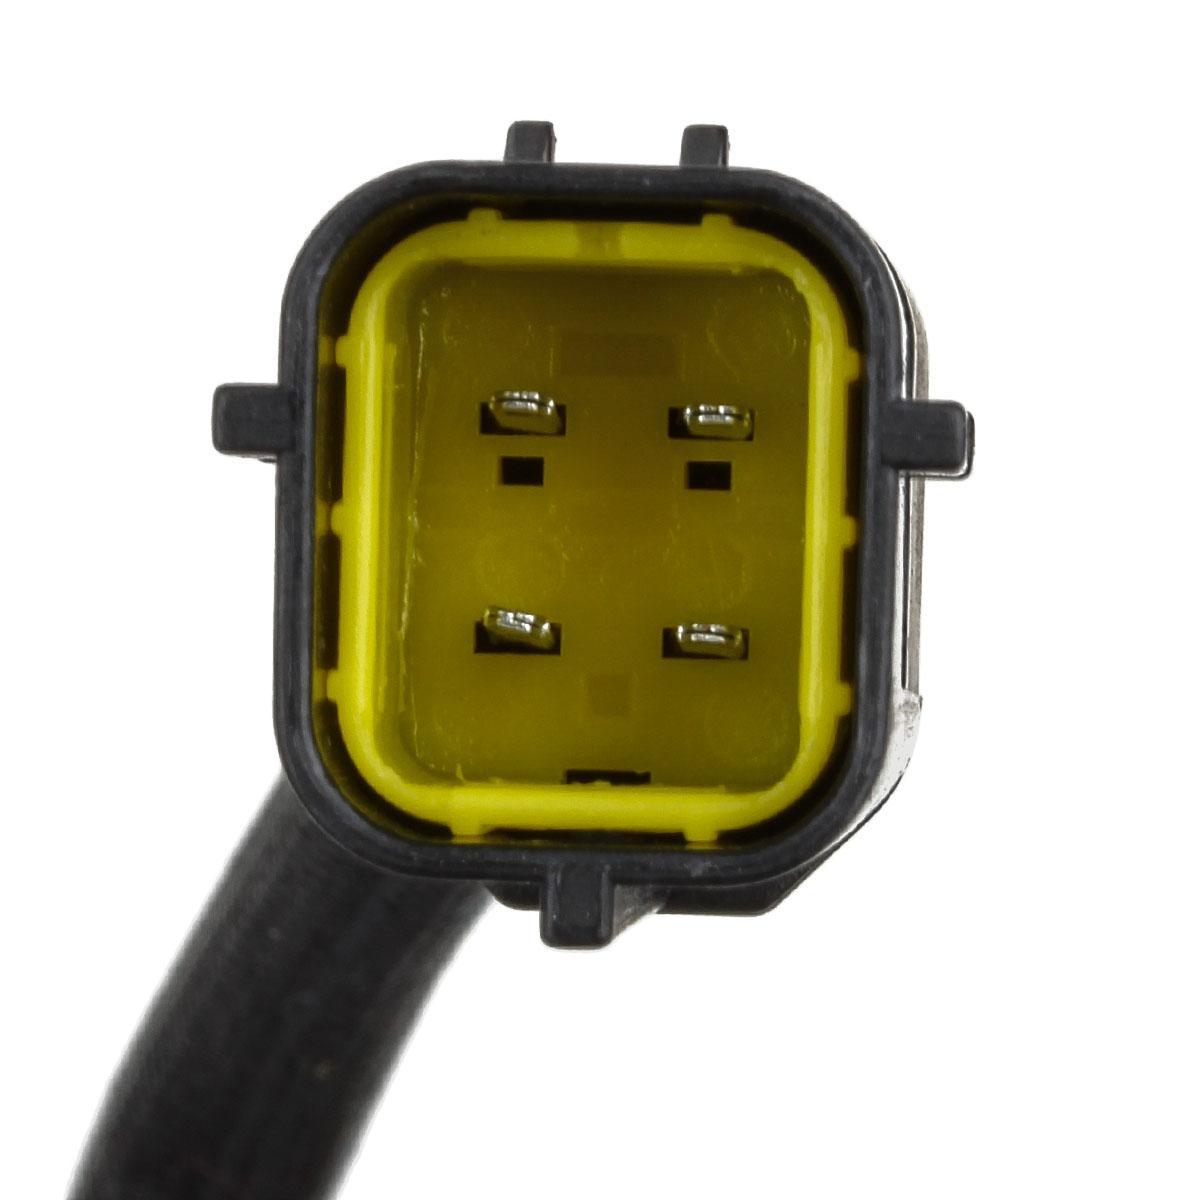 2003 mazda mpv wiring diagram 2008 mazda 3 wiring diagram